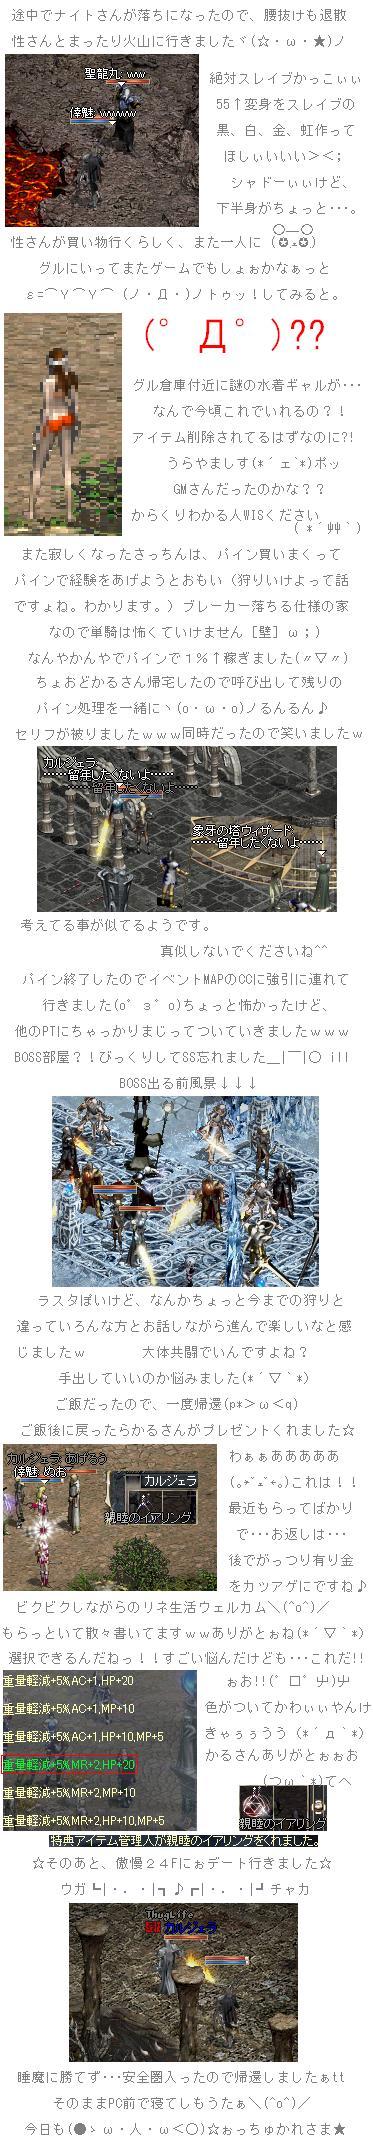 b0119937_1105035.jpg